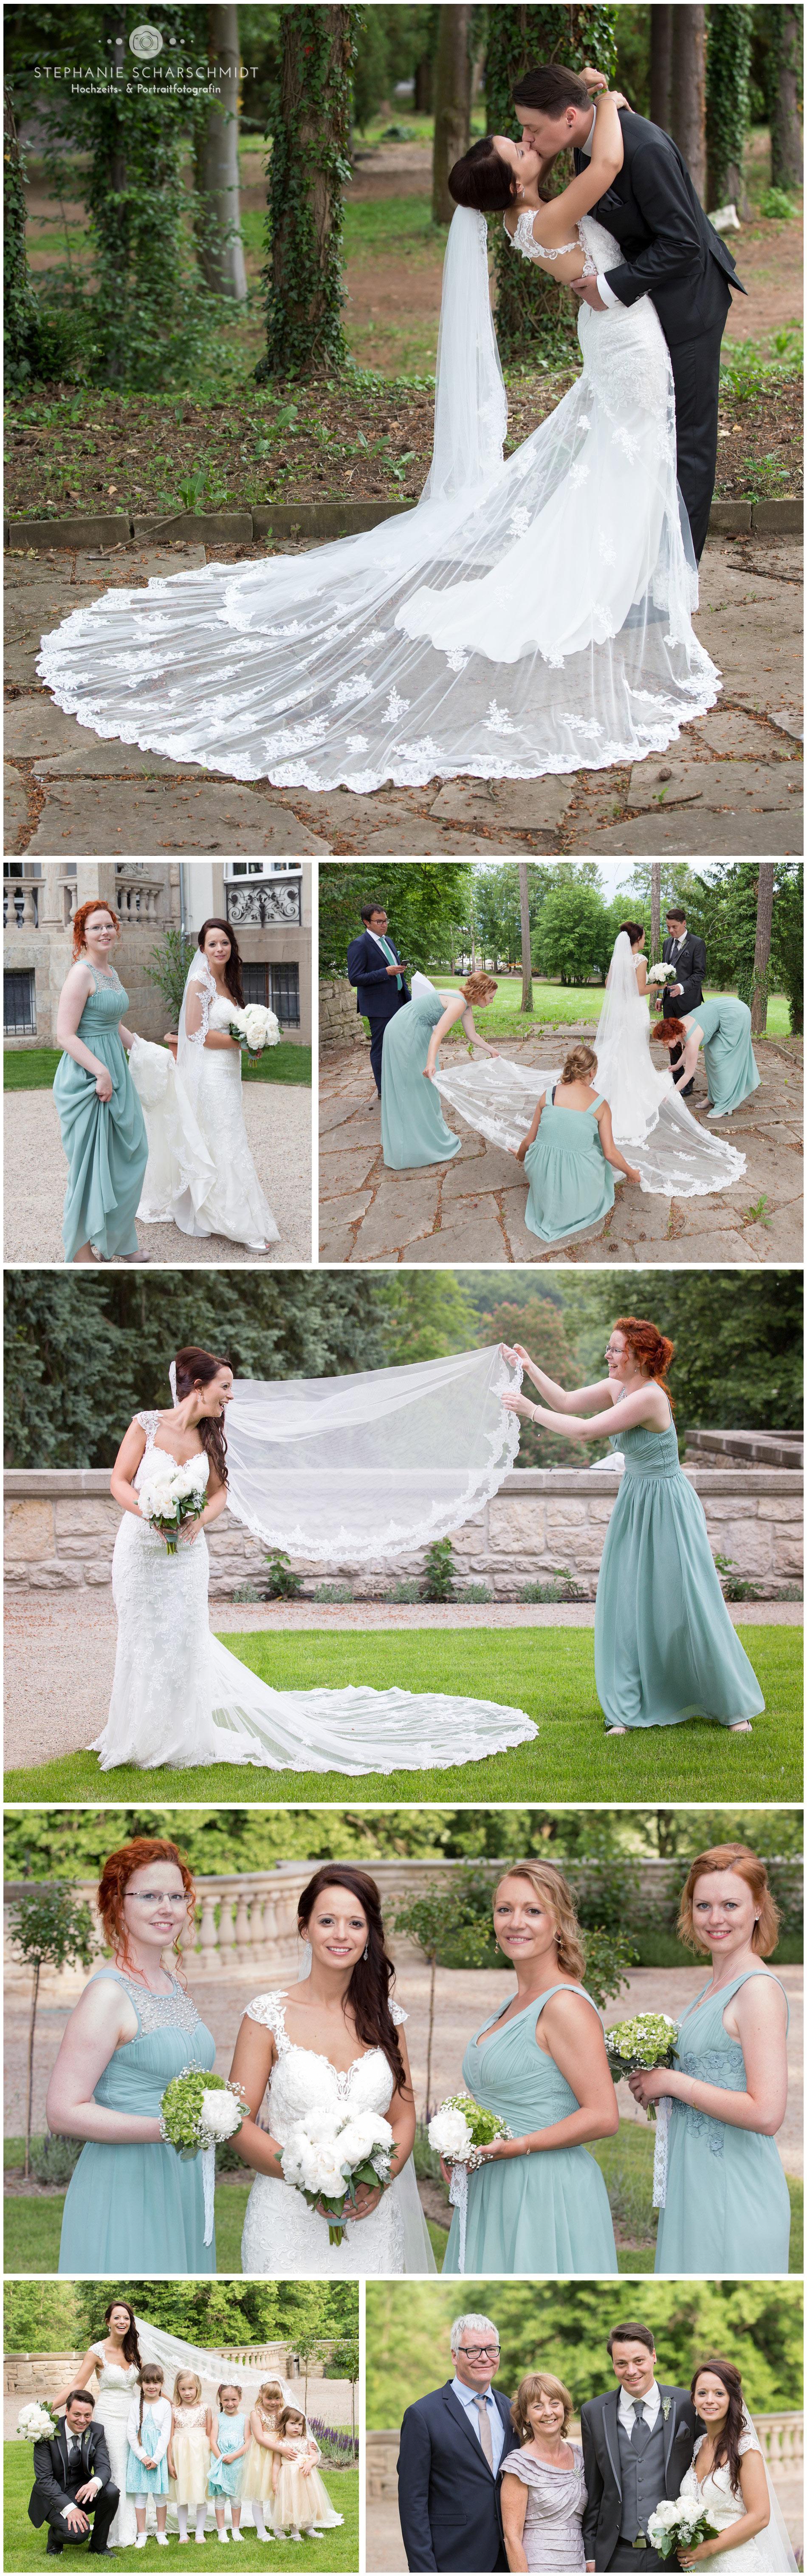 Hochzeitsfotograf Thüringen - Hochzeitsfotograf Pößneck